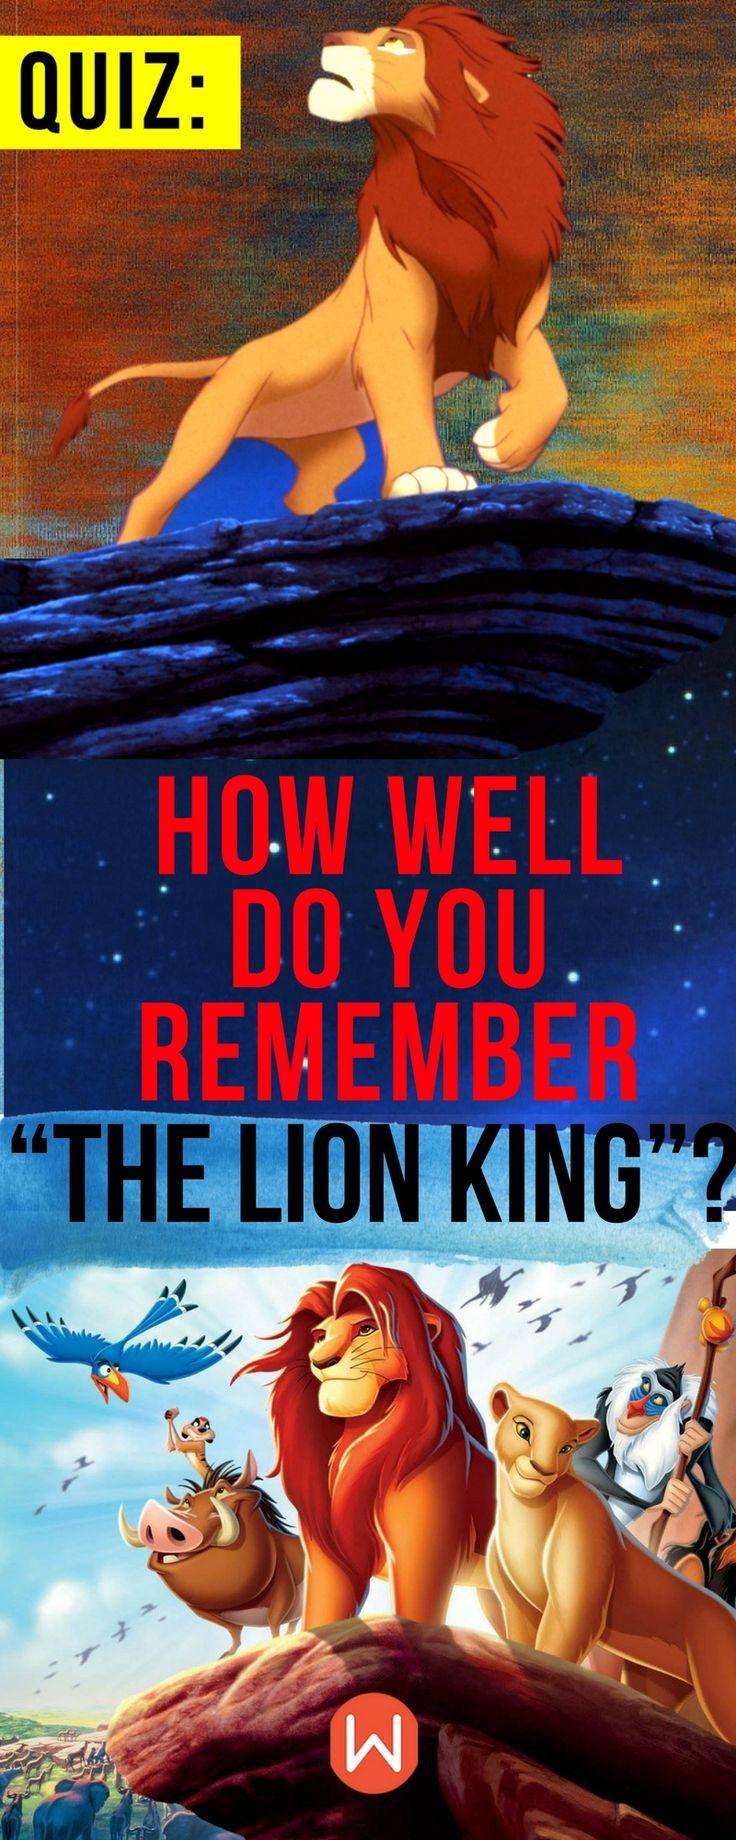 """Disney Quiz: How well do you know """"The Lion King""""? Buzzfeed Quizzes, Playbuzz quiz, Disney Trivia, Disney Knowledge Quiz, Disney Knowledge Test, Movie Test, Movie Trivia, Movie Questions, Disney Movie Quizzes, Lion King Quiz, Simba, Mufasa"""